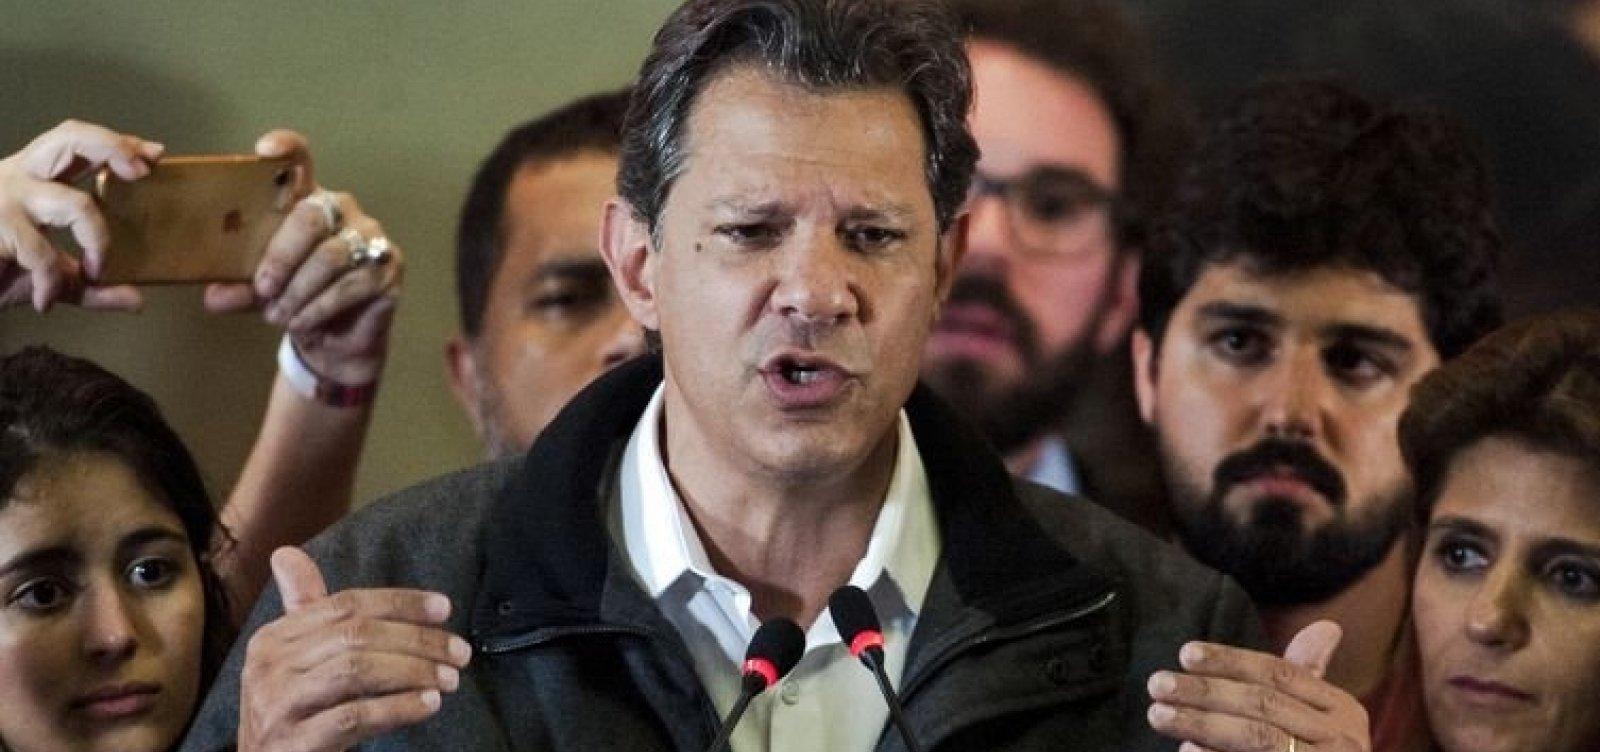 [Após visitar Lula, Haddad se esquiva de pergunta sobre ex-presidente]